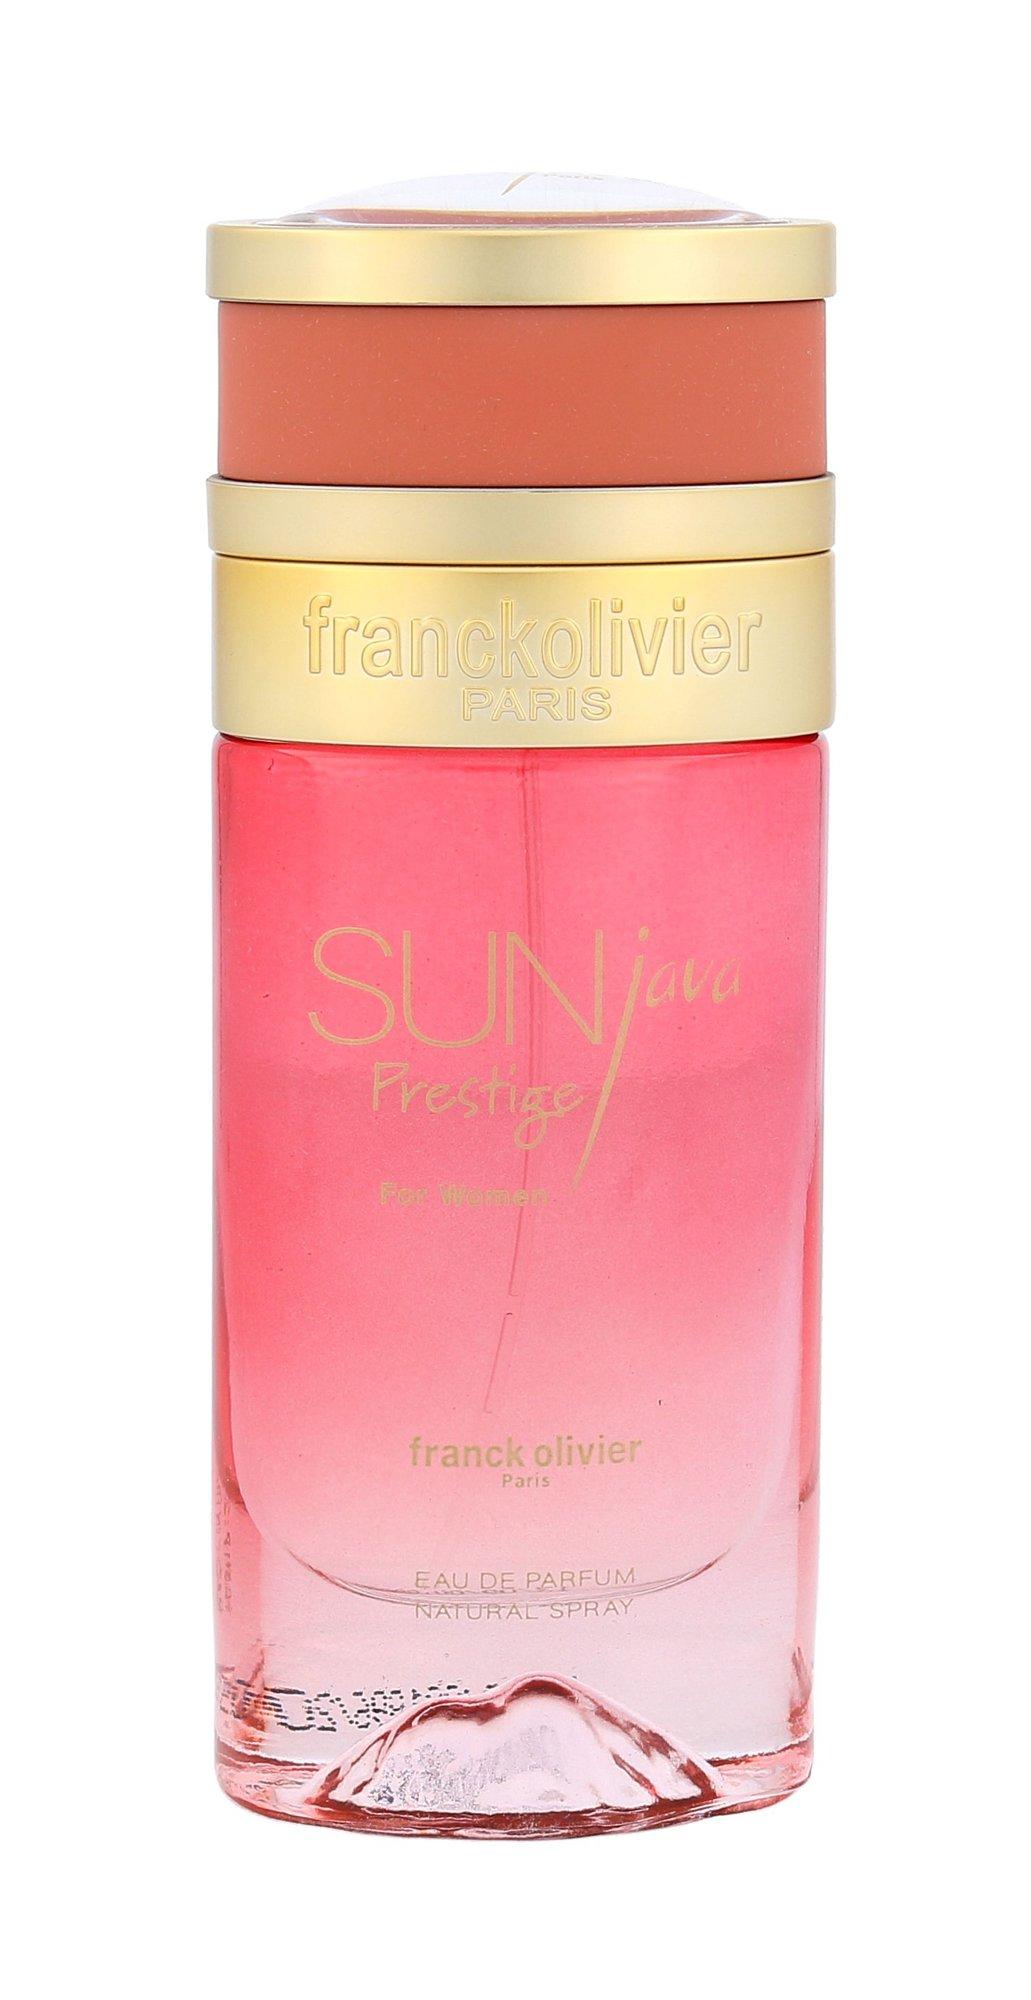 Franck Olivier Sun Java Prestige For Women EDP 50ml